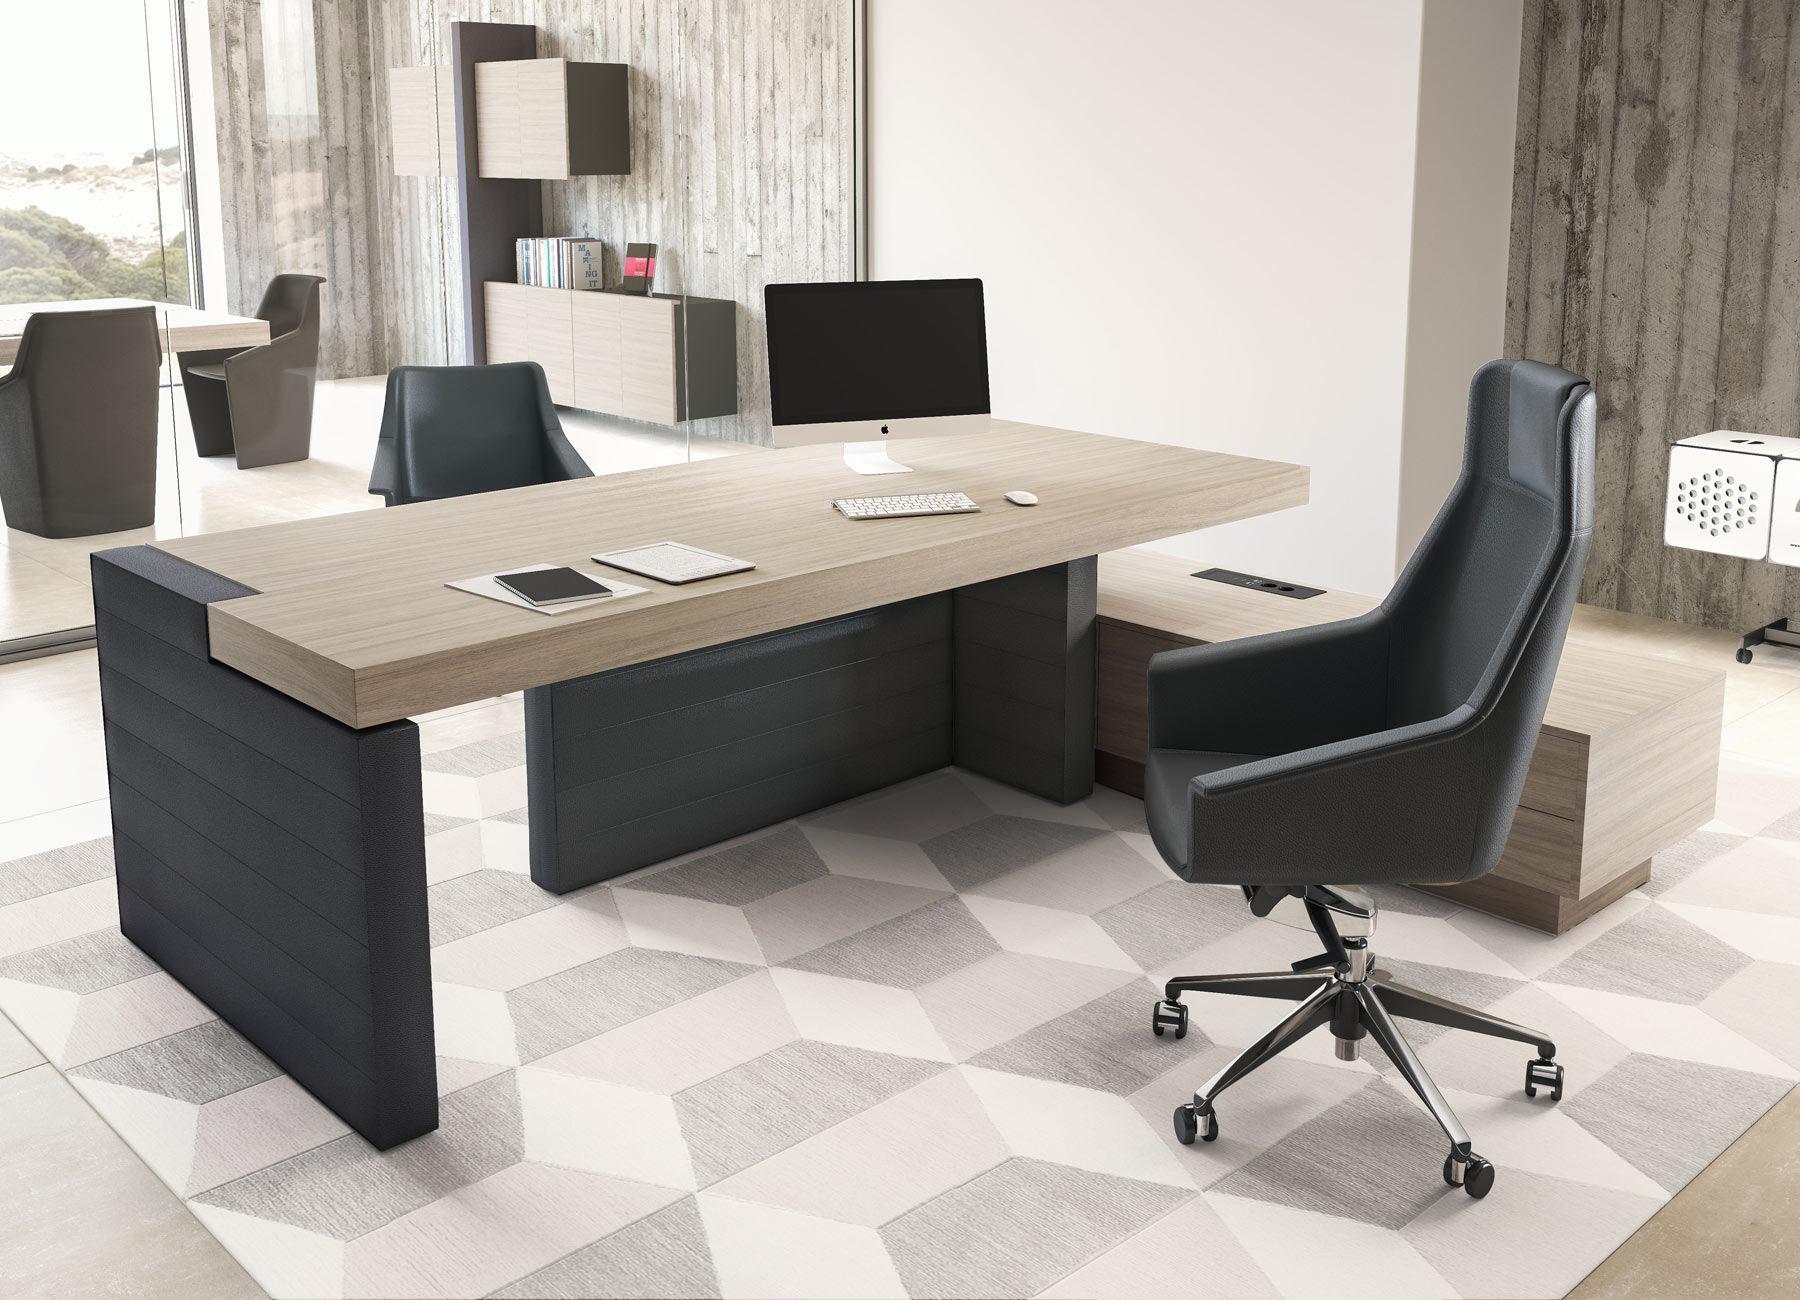 La scrivania direzionale per ufficio che cercavi qu for Scrivania direzionale